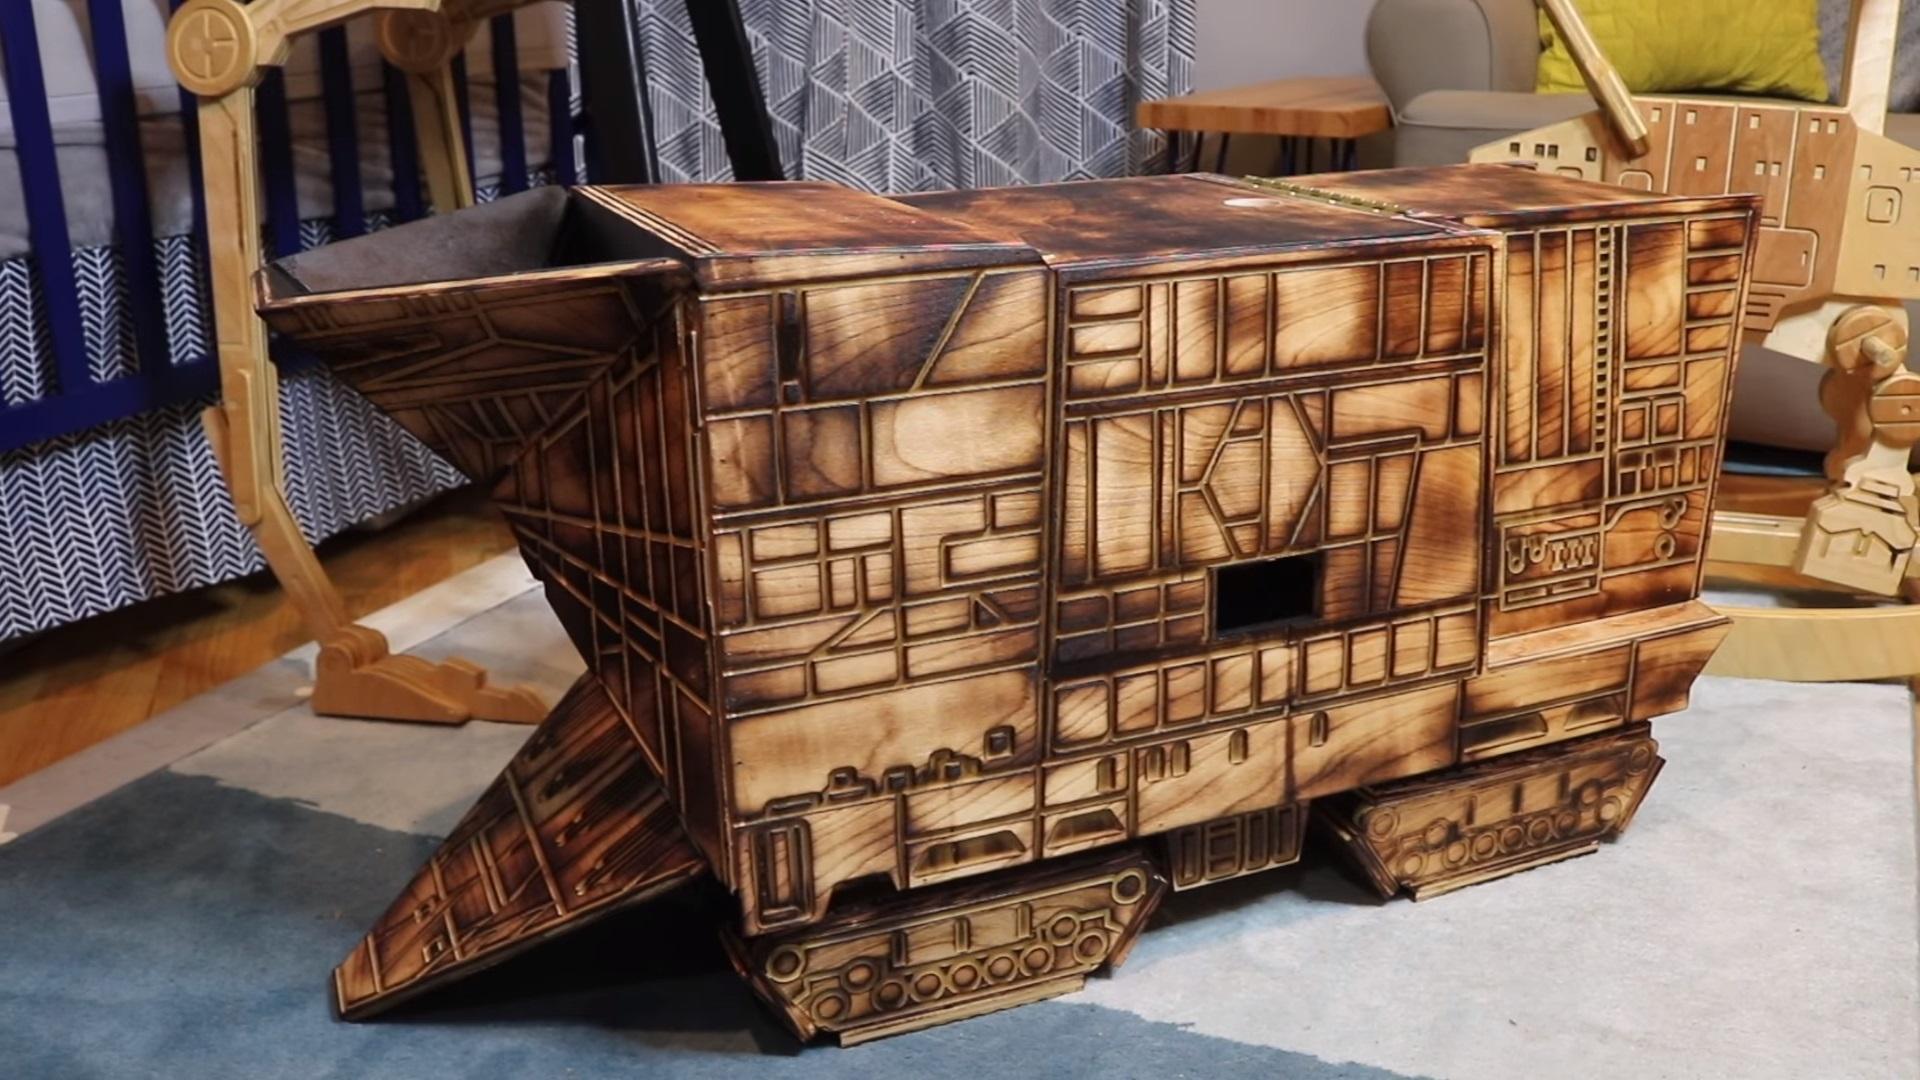 Jawa Sandcrawler Toy Box